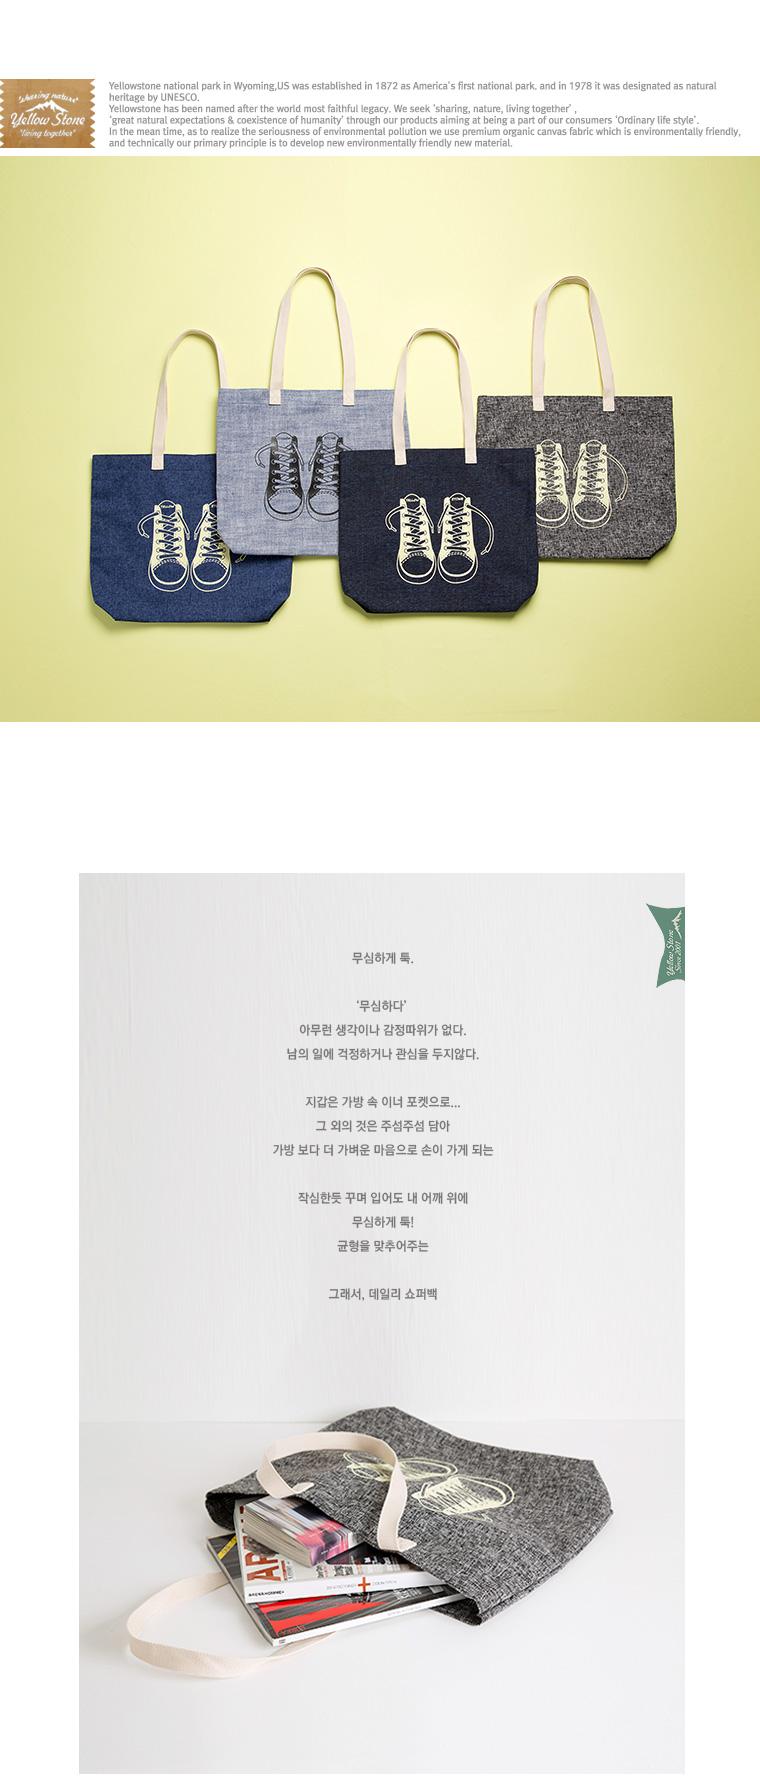 [옐로우스톤] 쇼퍼백 SUMMER BREEZE SHOPPER BAG - YS5003BK 블랙